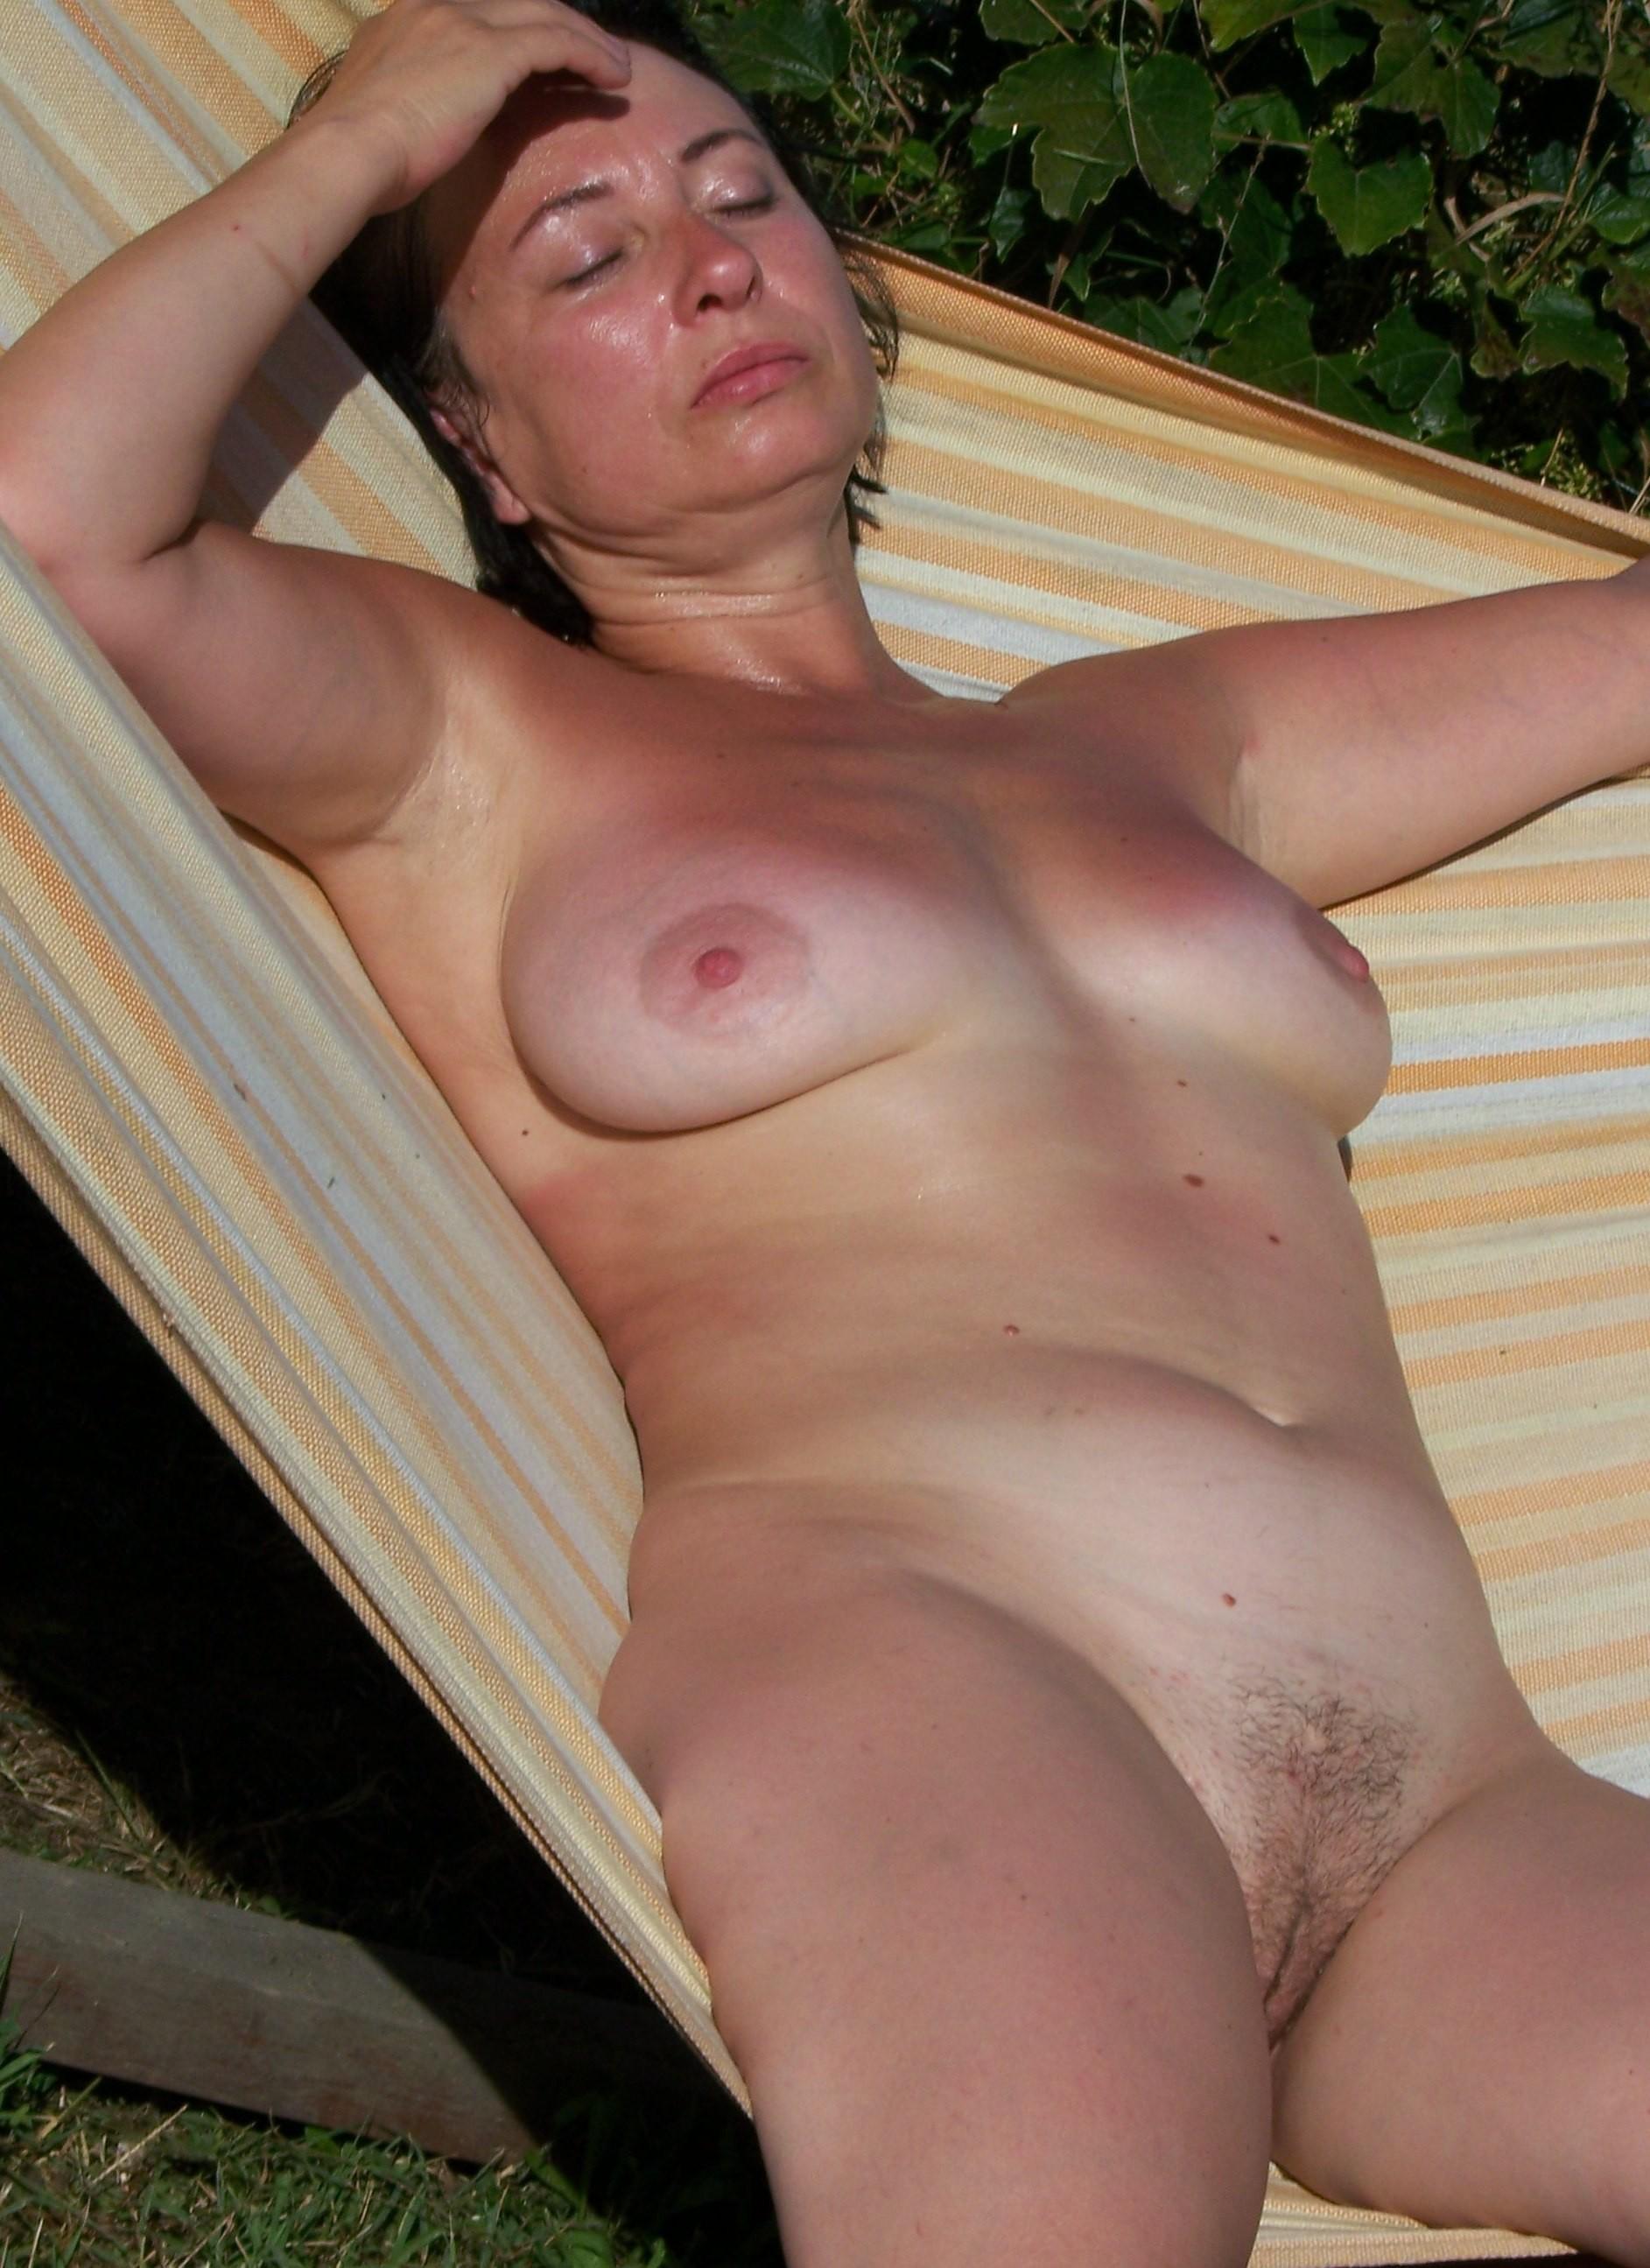 Handjobs mature women outdoors